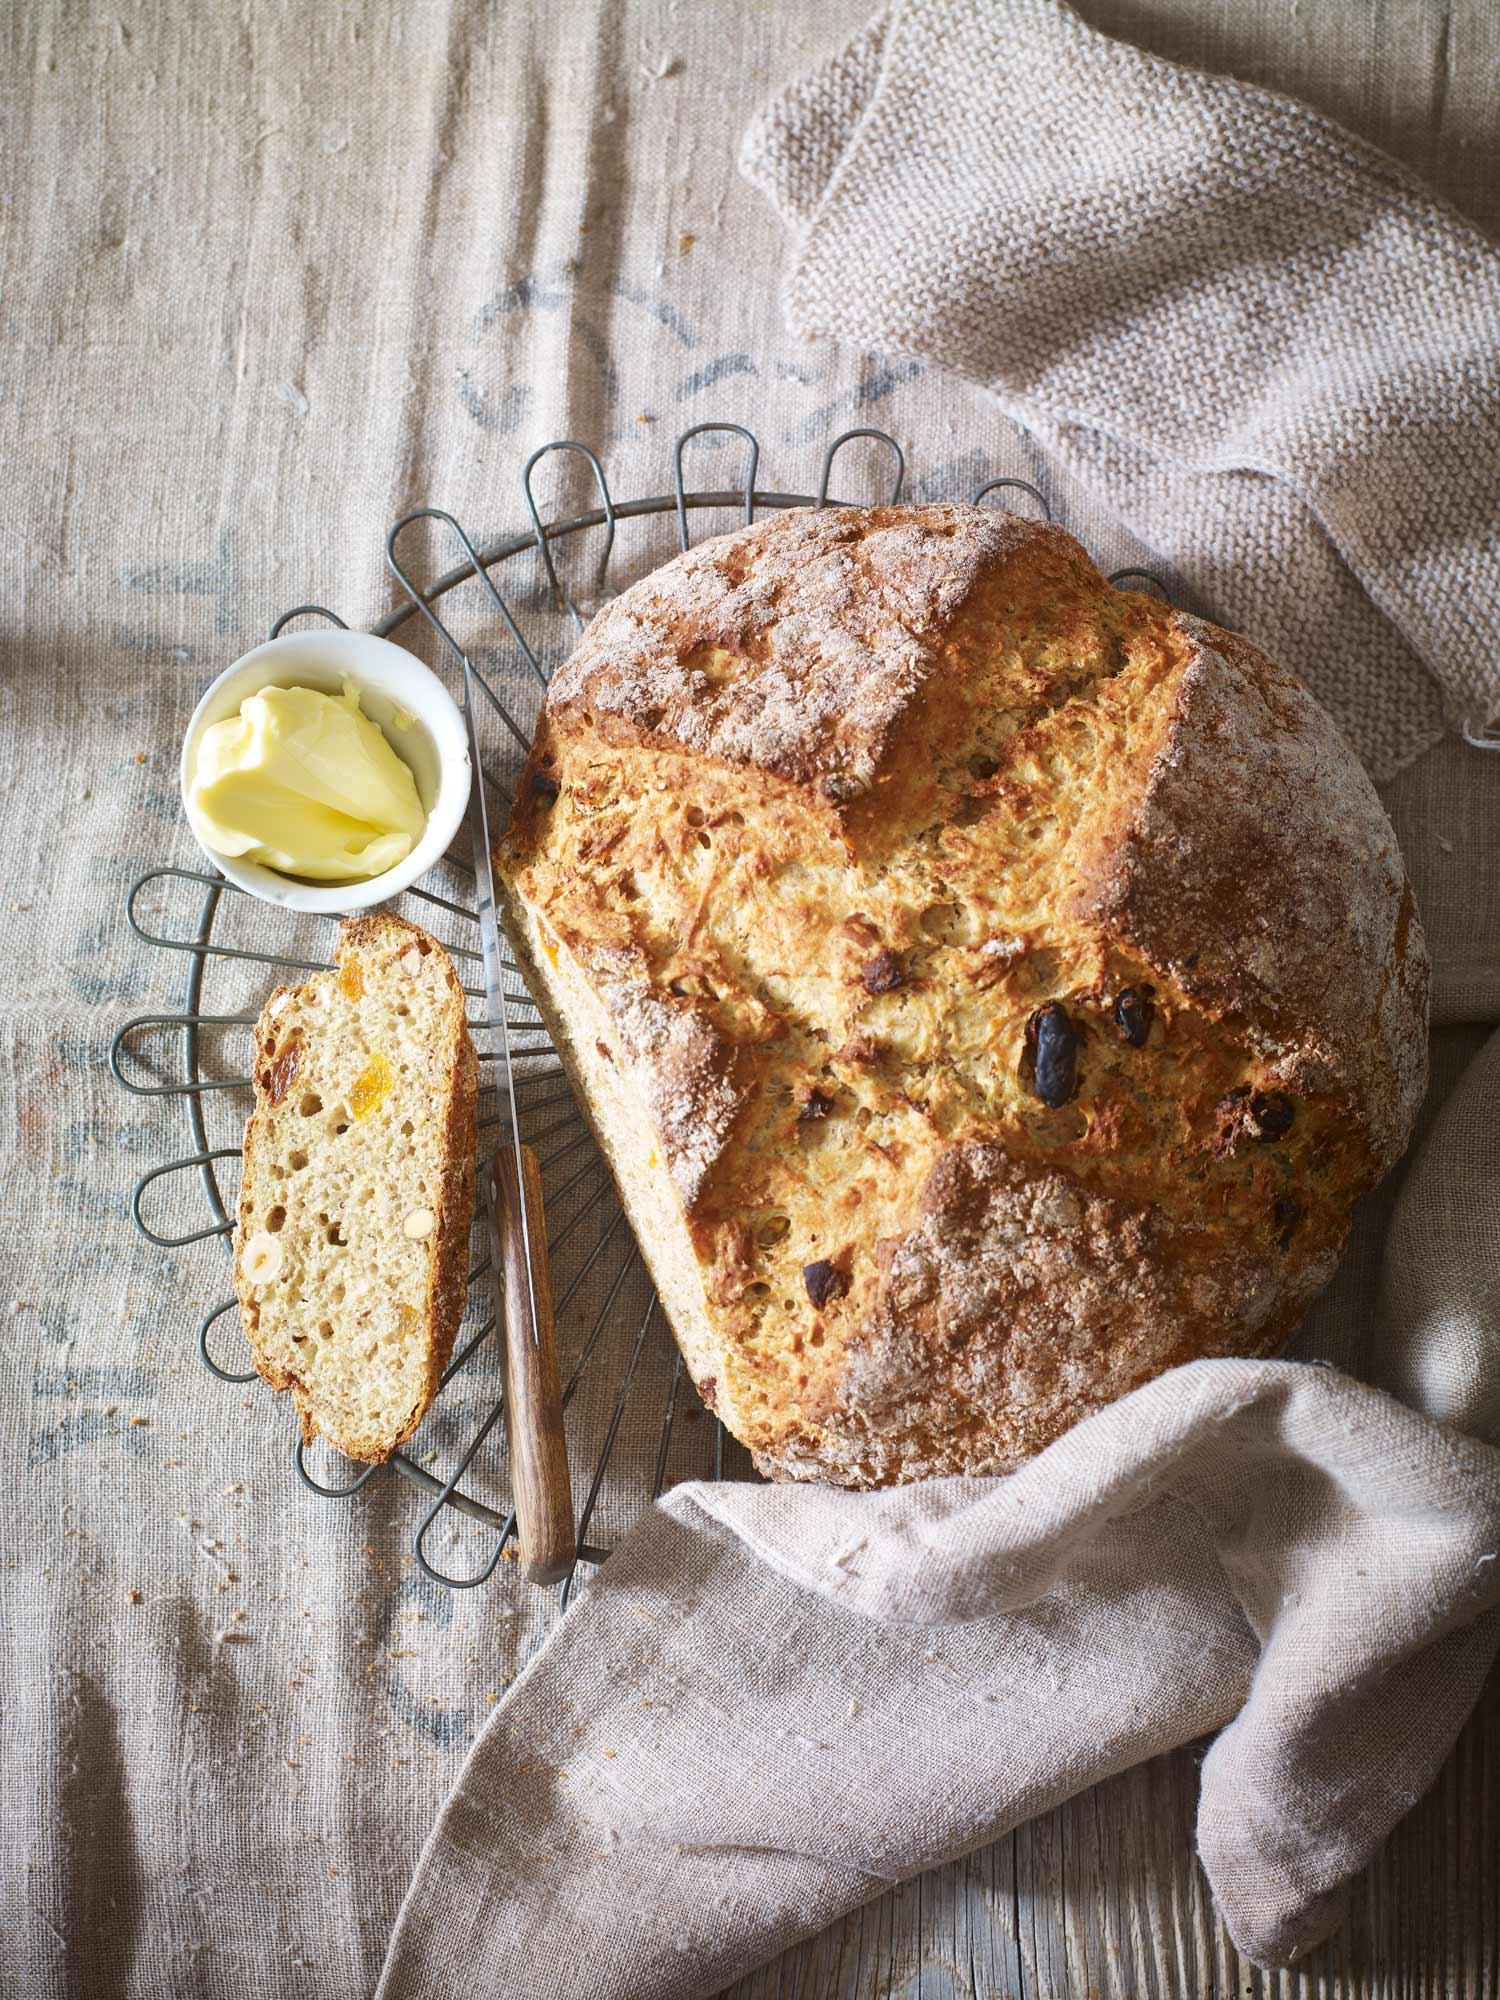 Stuart West - Bread